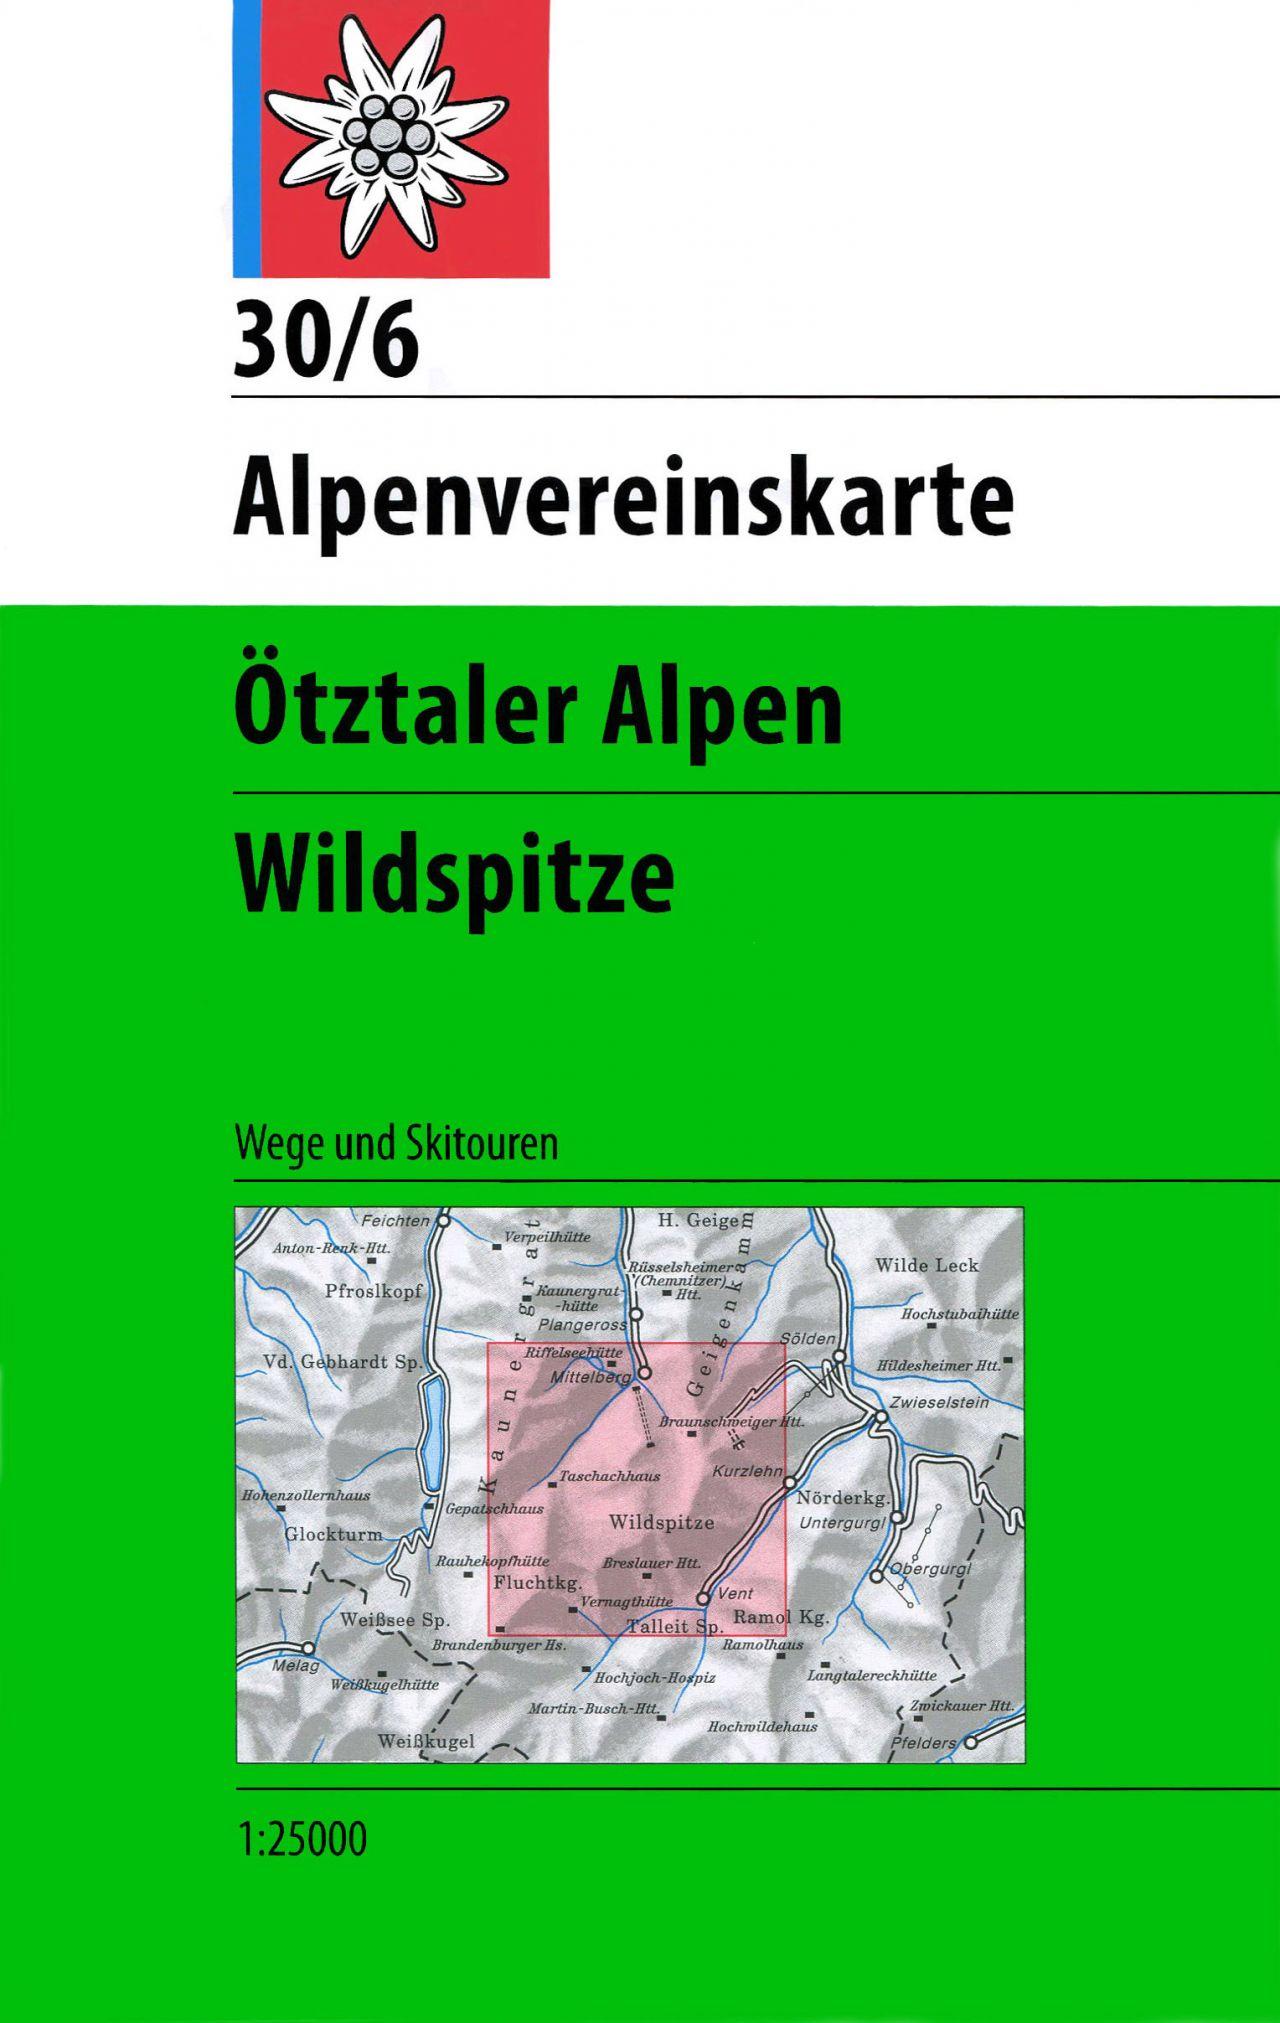 AV-30/6 Ötztaler Alpen/Wildspitze [2014] Alpenvereinskarte wandelkaart 9783928777452  AlpenVerein Alpenvereinskarten  Wandelkaarten Tirol & Vorarlberg